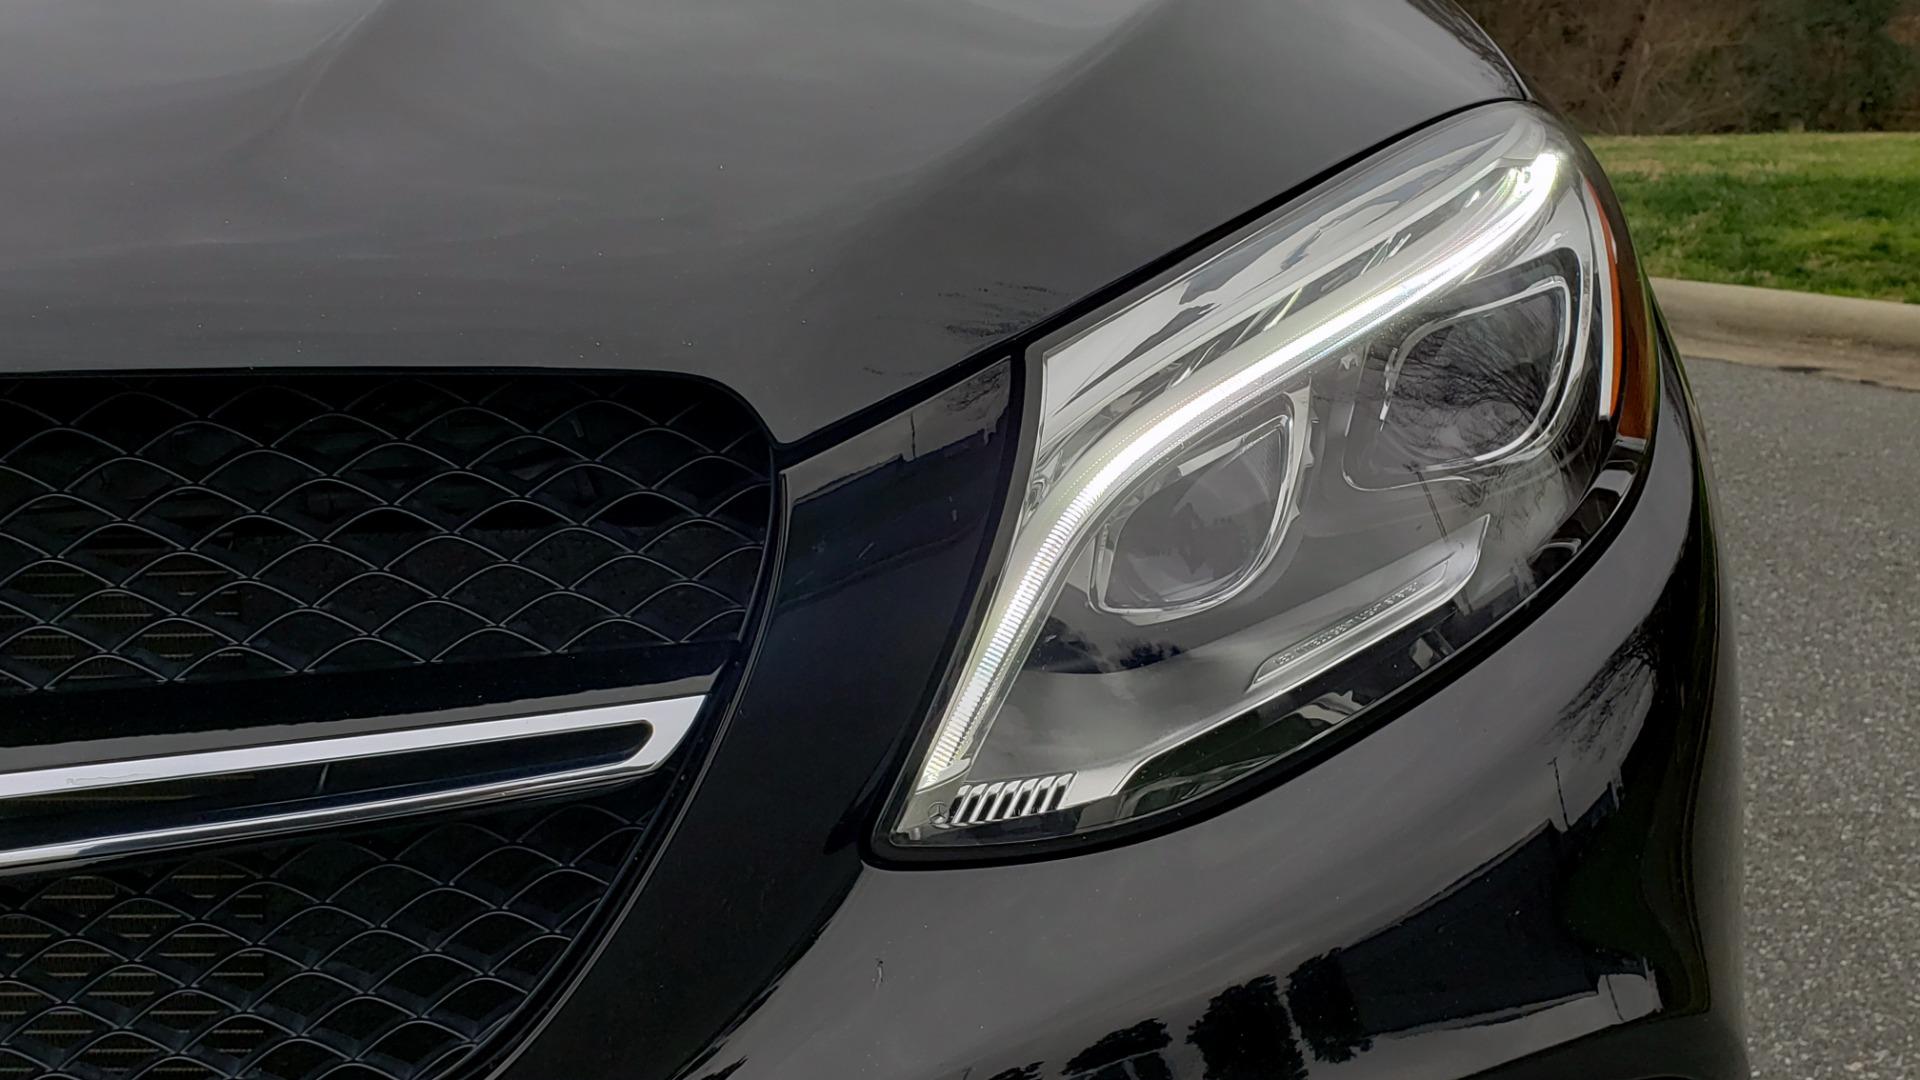 Used 2016 Mercedes-Benz GLE 450 AMG / AWD / PREM PKG / PARK ASST / DRVR ASST / SUNROOF for sale Sold at Formula Imports in Charlotte NC 28227 27